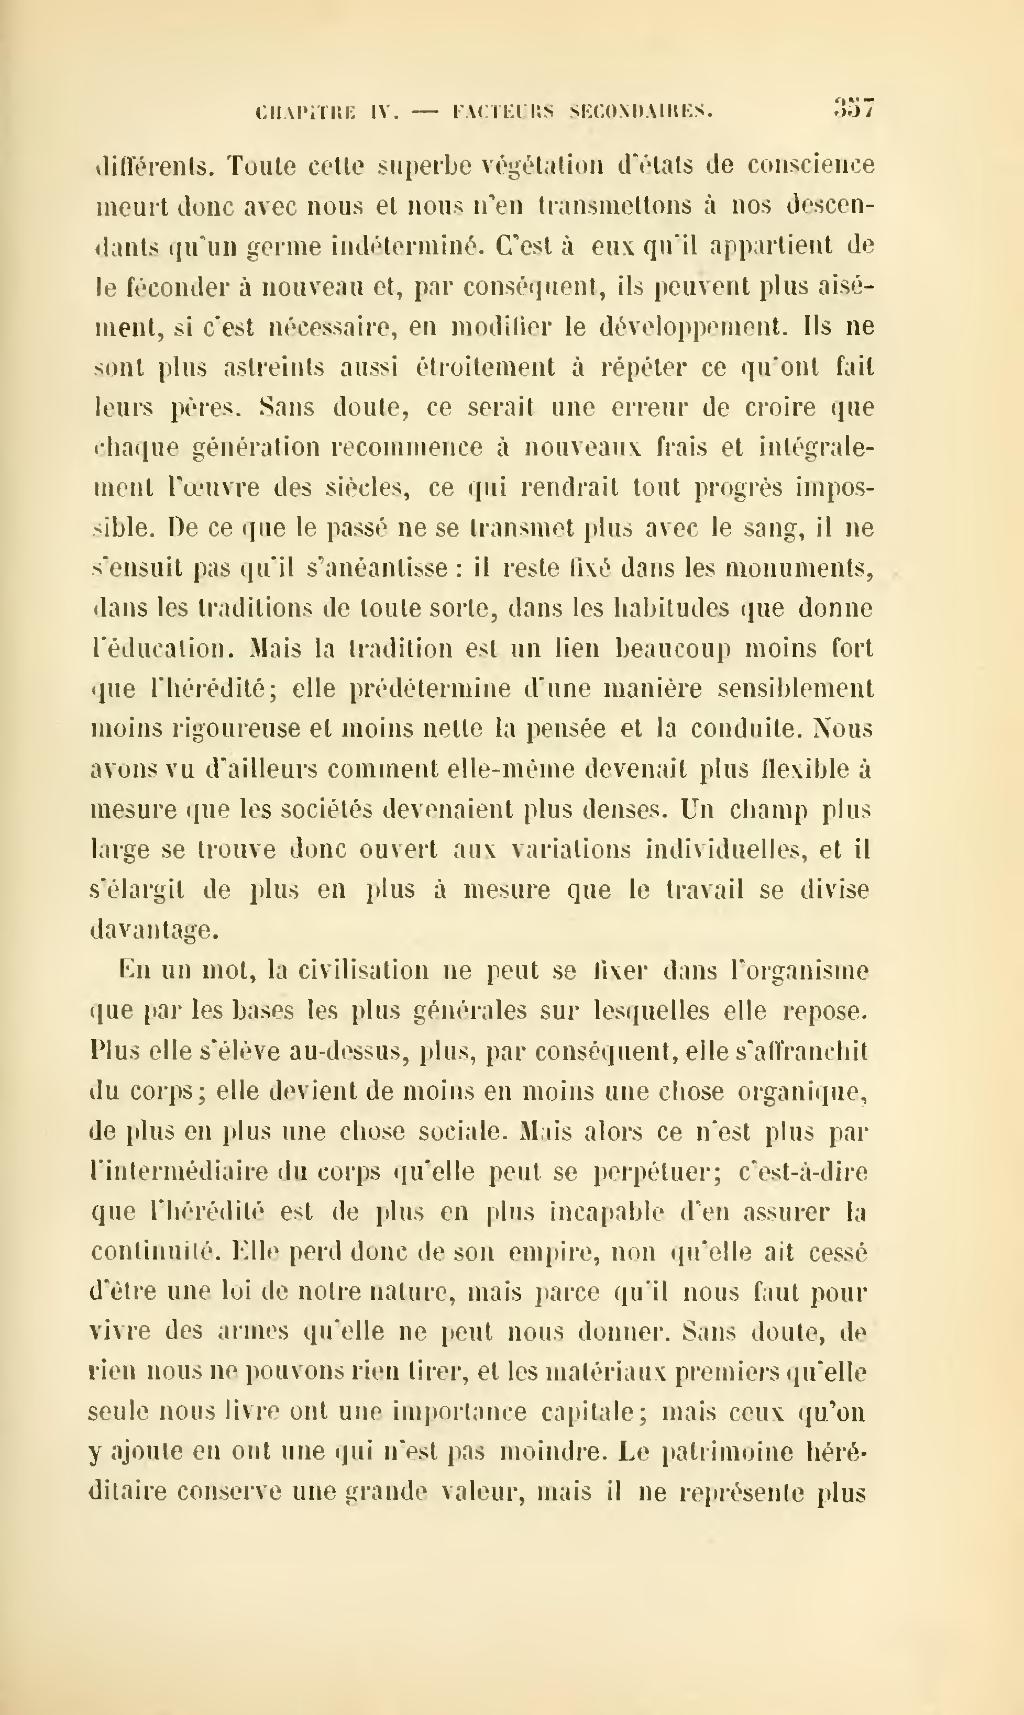 Page Durkheim De La Division Du Travail Social Djvu 379 Wikisource